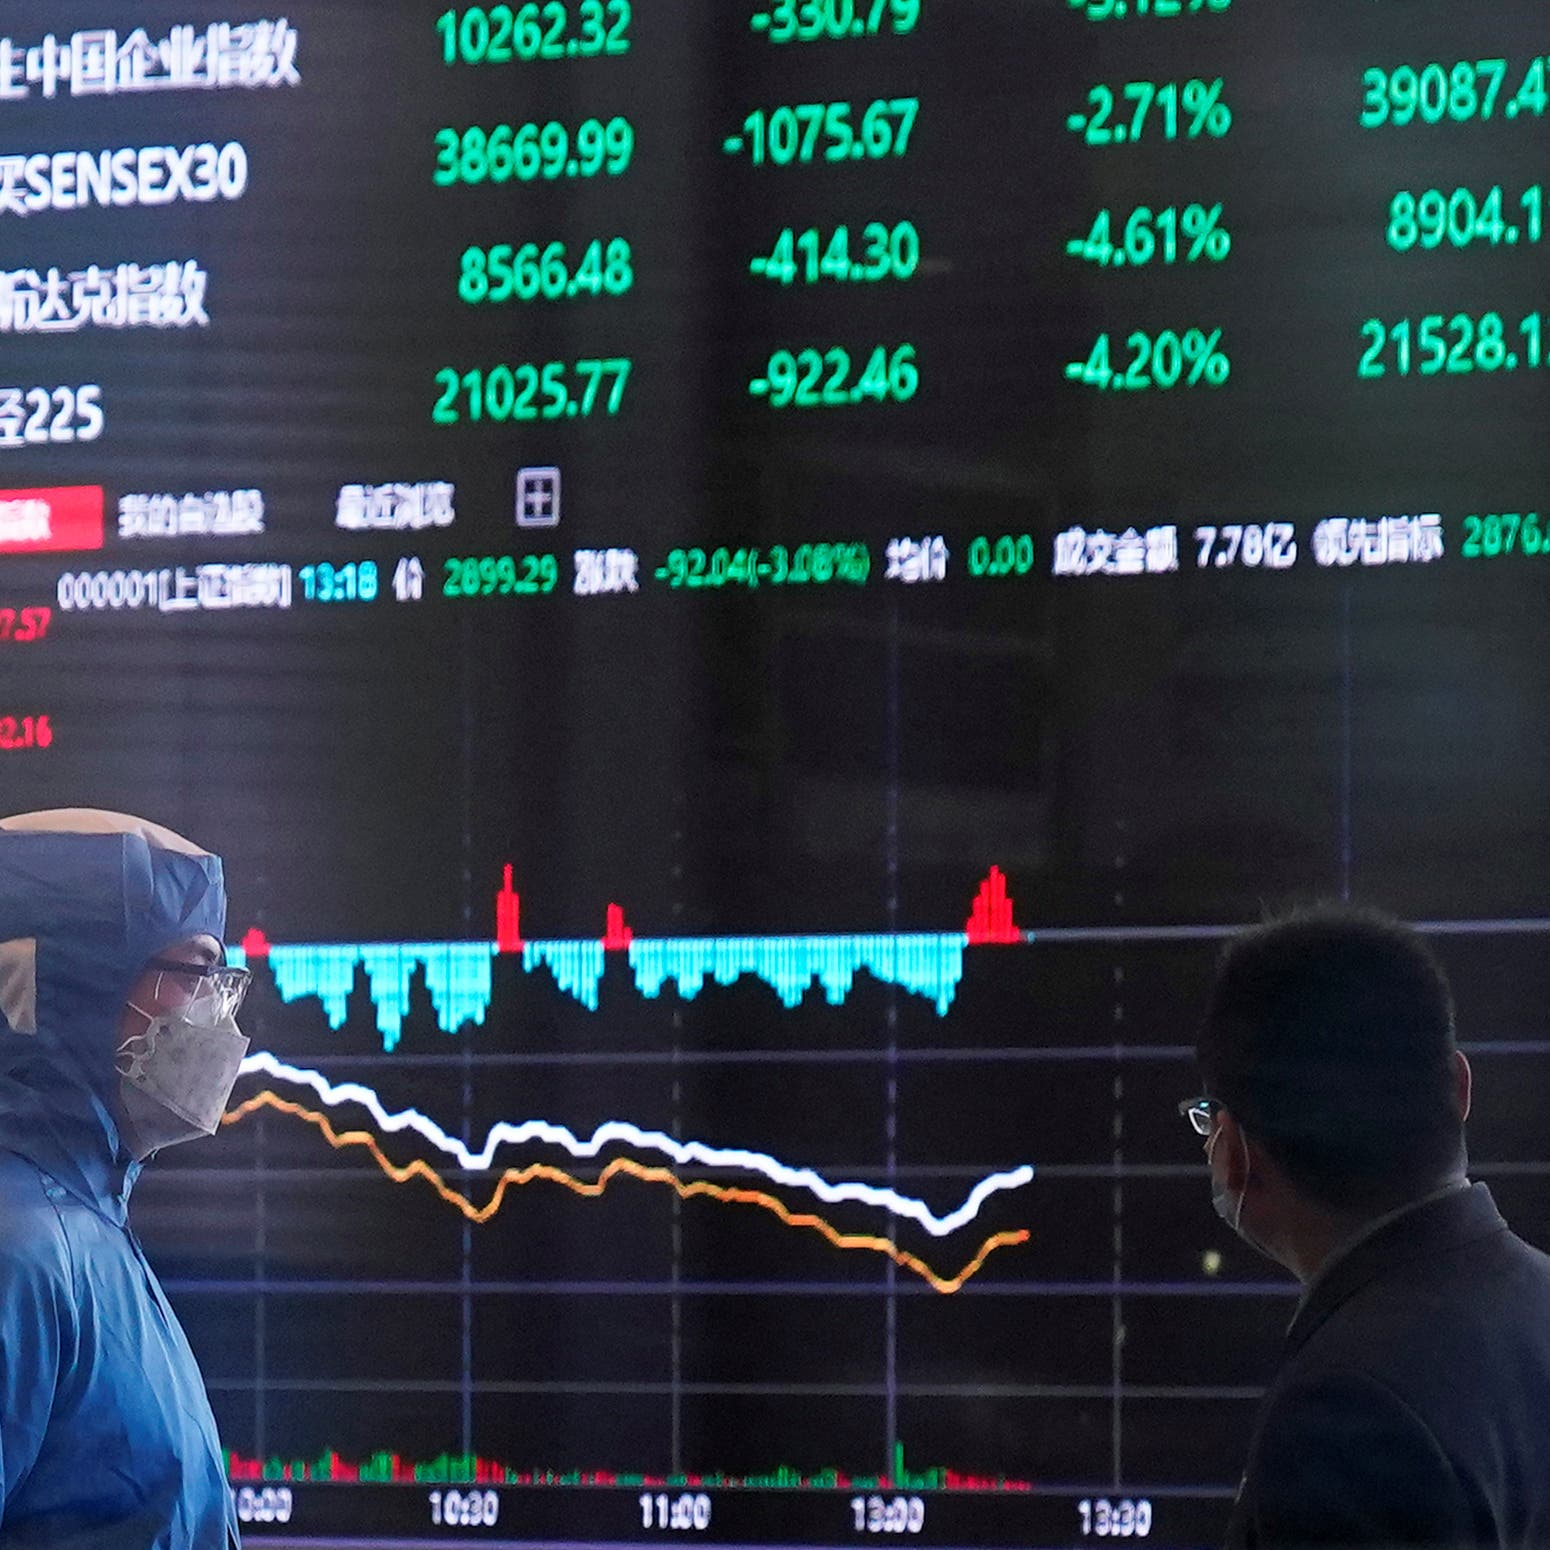 هجمة الصين تبث الذعر في الأسواق.. العقارات هدف جديد بعد التكنولوجيا والتعليم